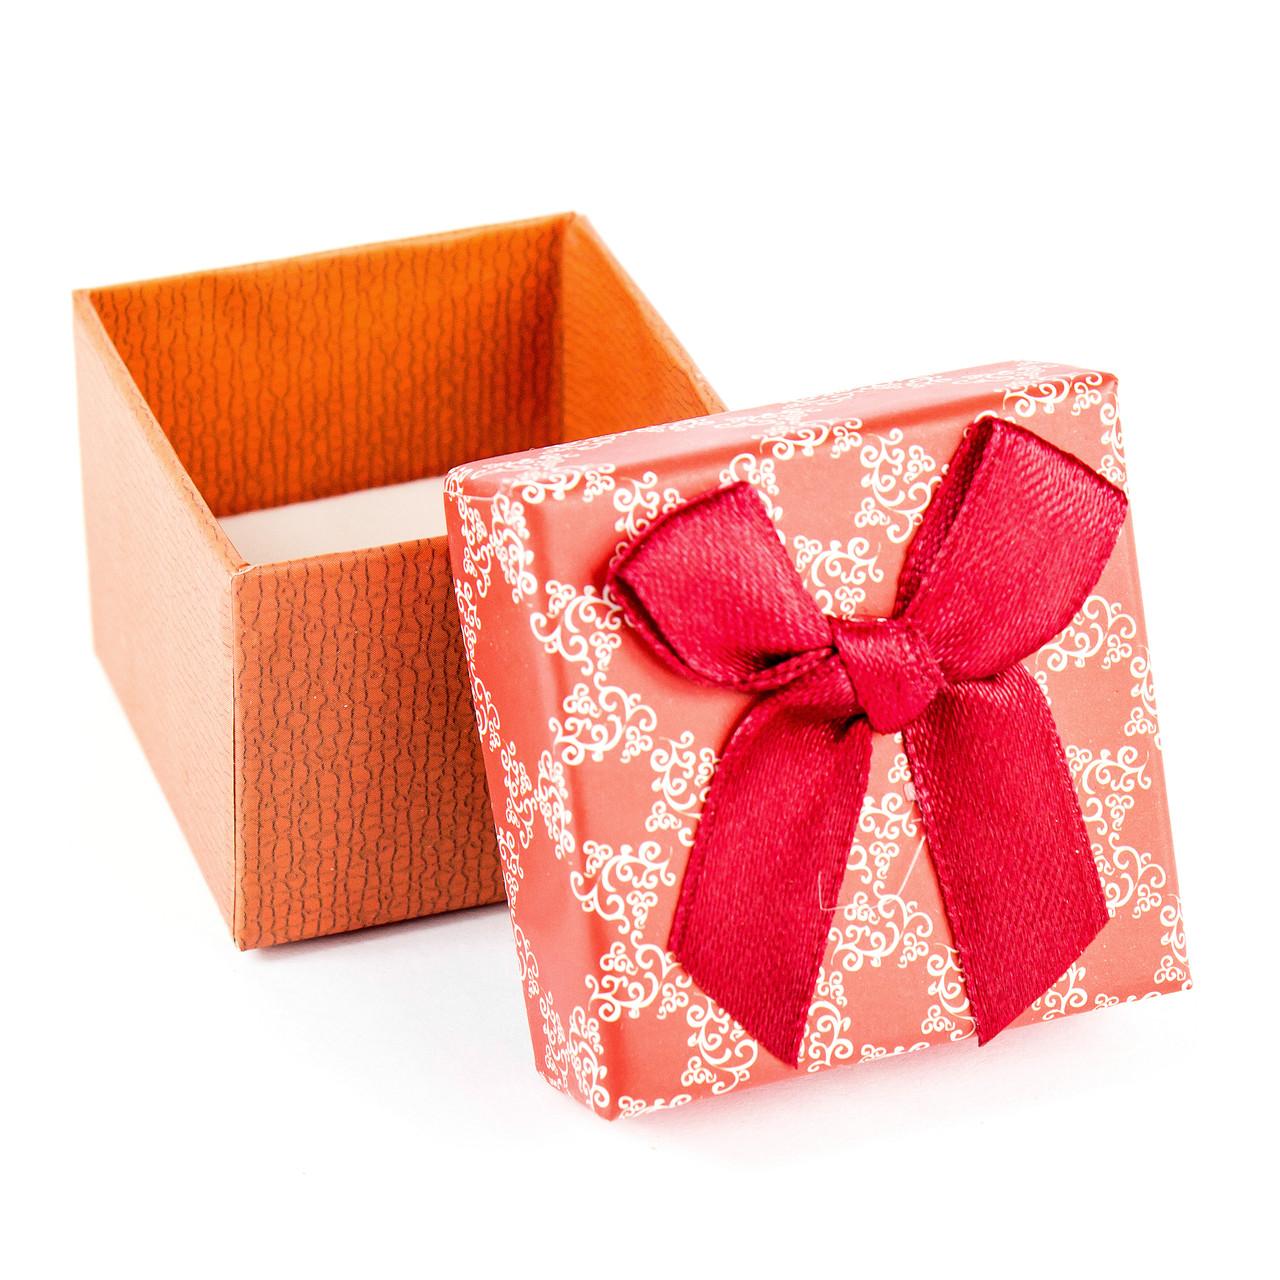 Подарункова коробочка для кільця червоно-оранжева з червоним бантиком 5 х 5 х 3 см